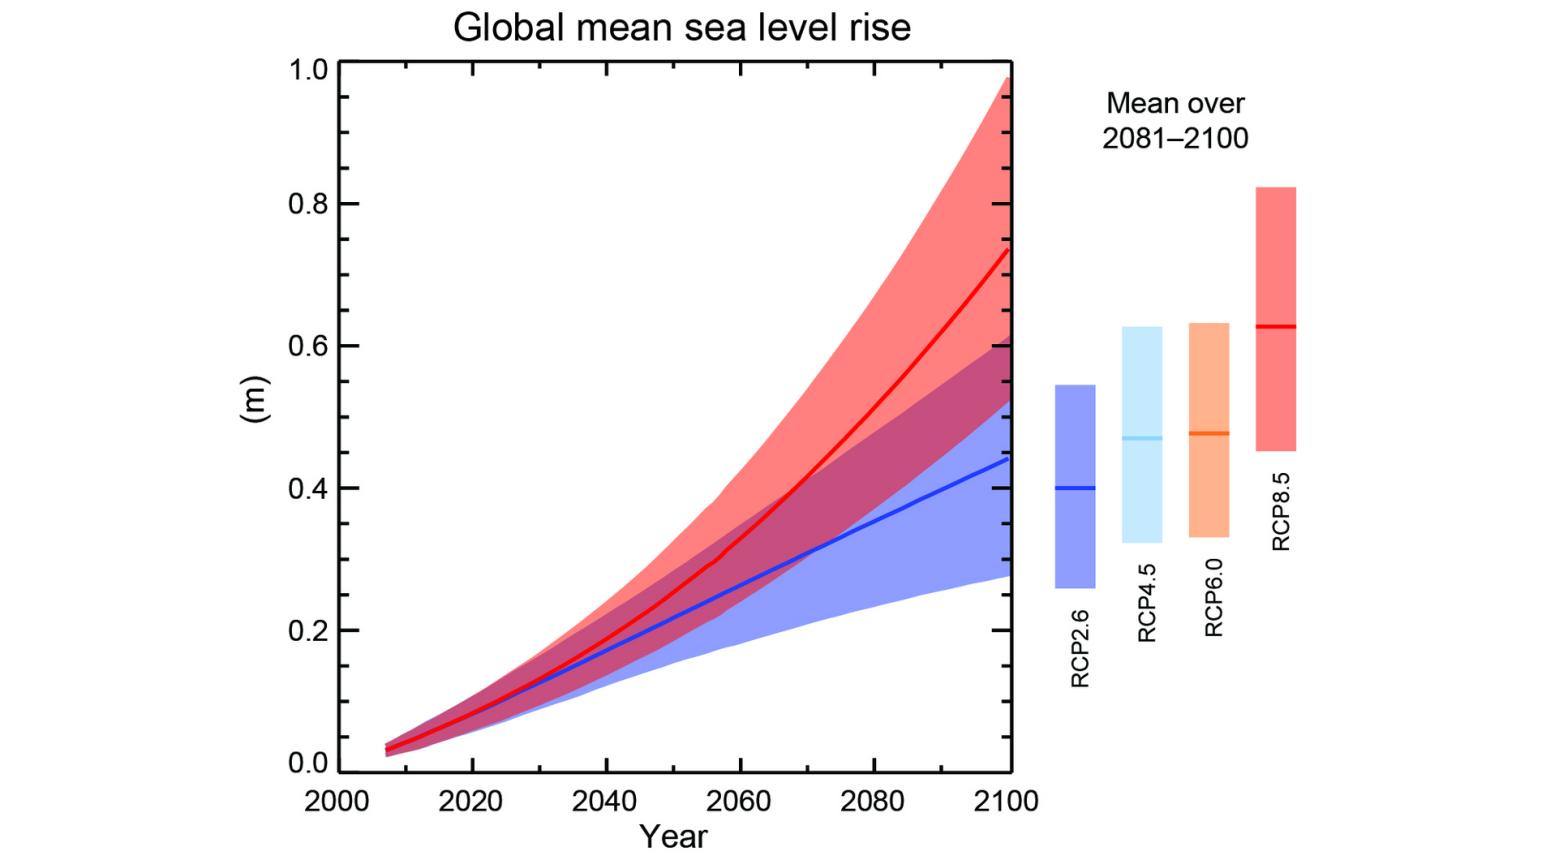 Kurvendiagramm: Die Kurven steigen steil an von etwa 0 Meter im Jahr 2000 auf (je nach Szenario) etwa 0,3 bis 1 Meter